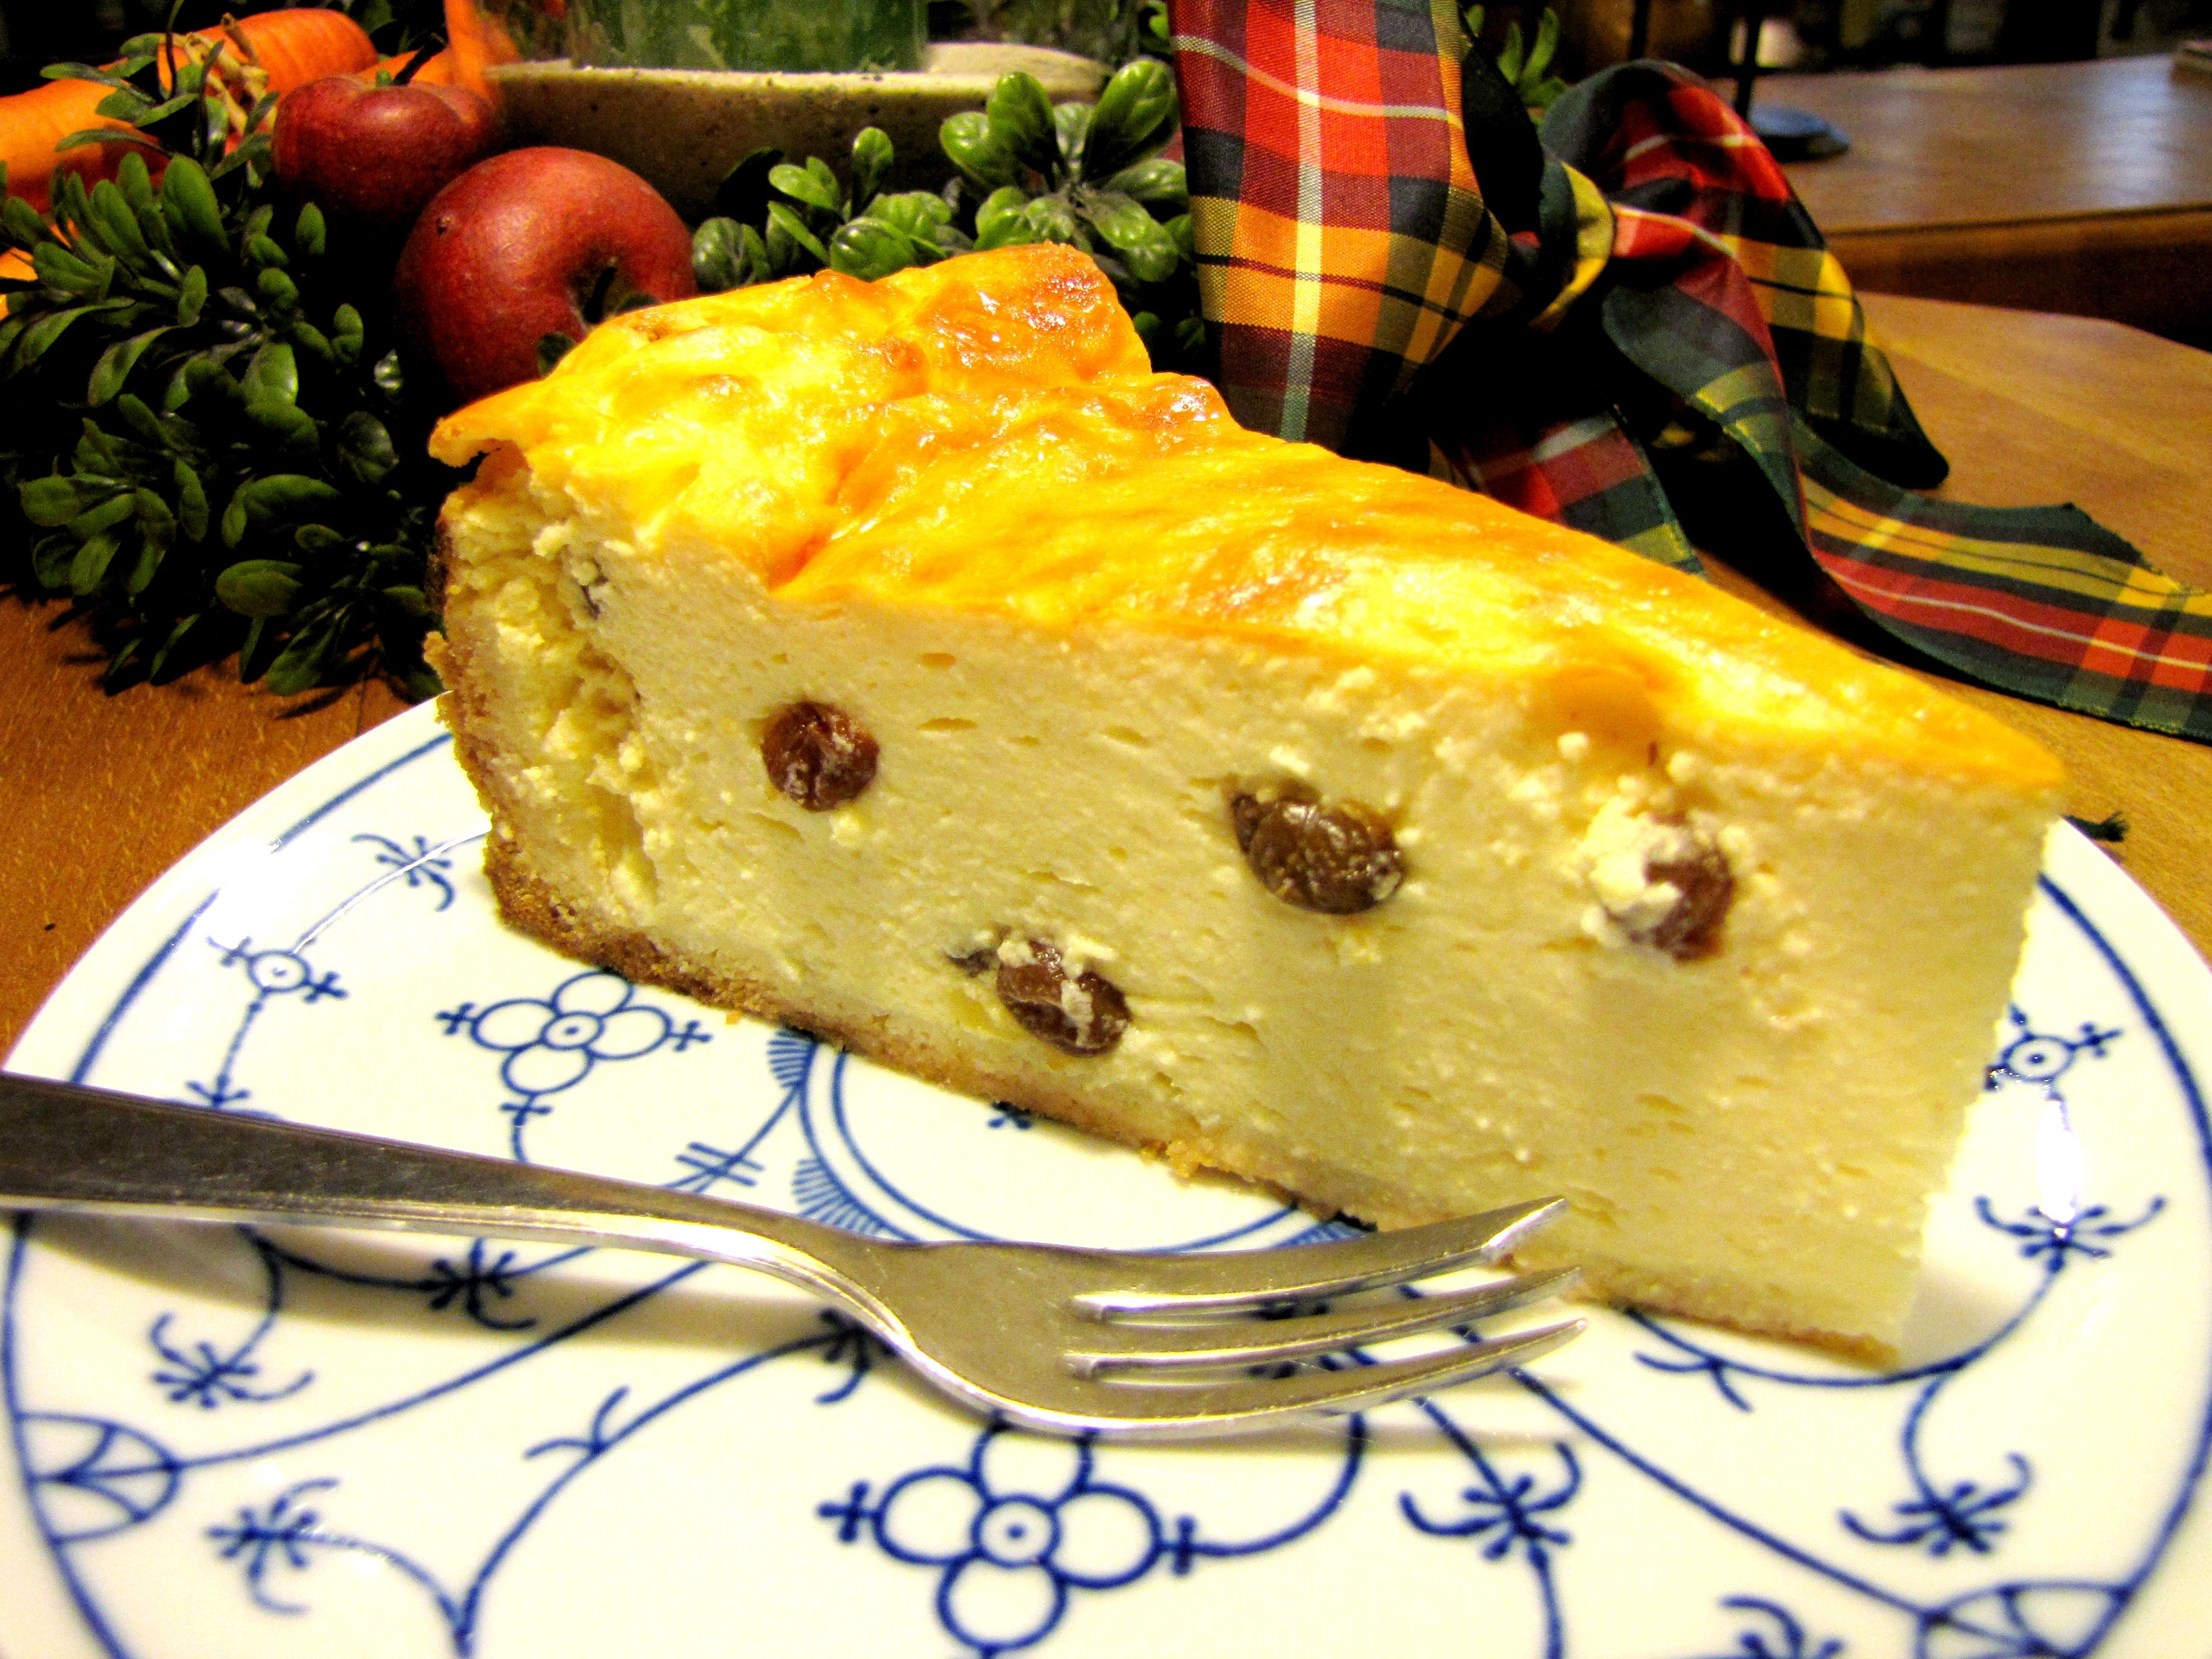 Kommt immer wieder mal frisch in die Kuchentheke: Gebackener Käsekuchen mit Rosinen - (c) 2011 by Café-Restaurant Haus-Zillertal in Wuppertal Cronenberg